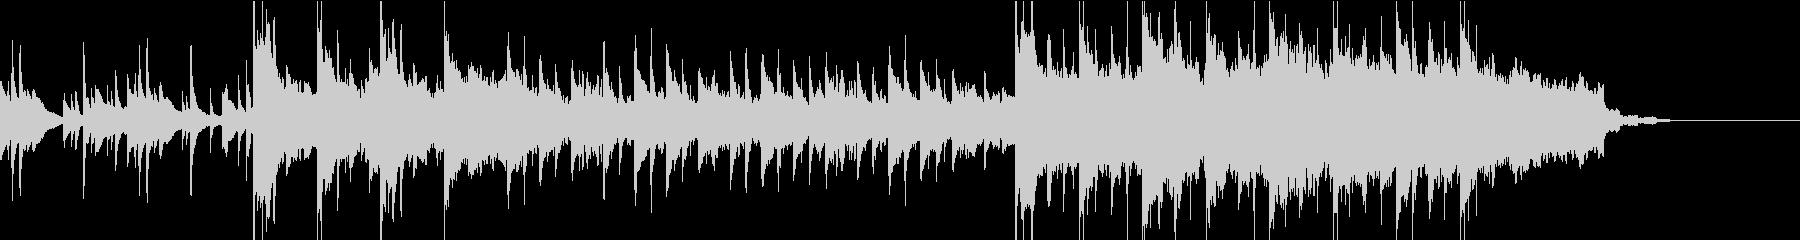 企業VPや映像に壮大なバイオリンBGMの未再生の波形